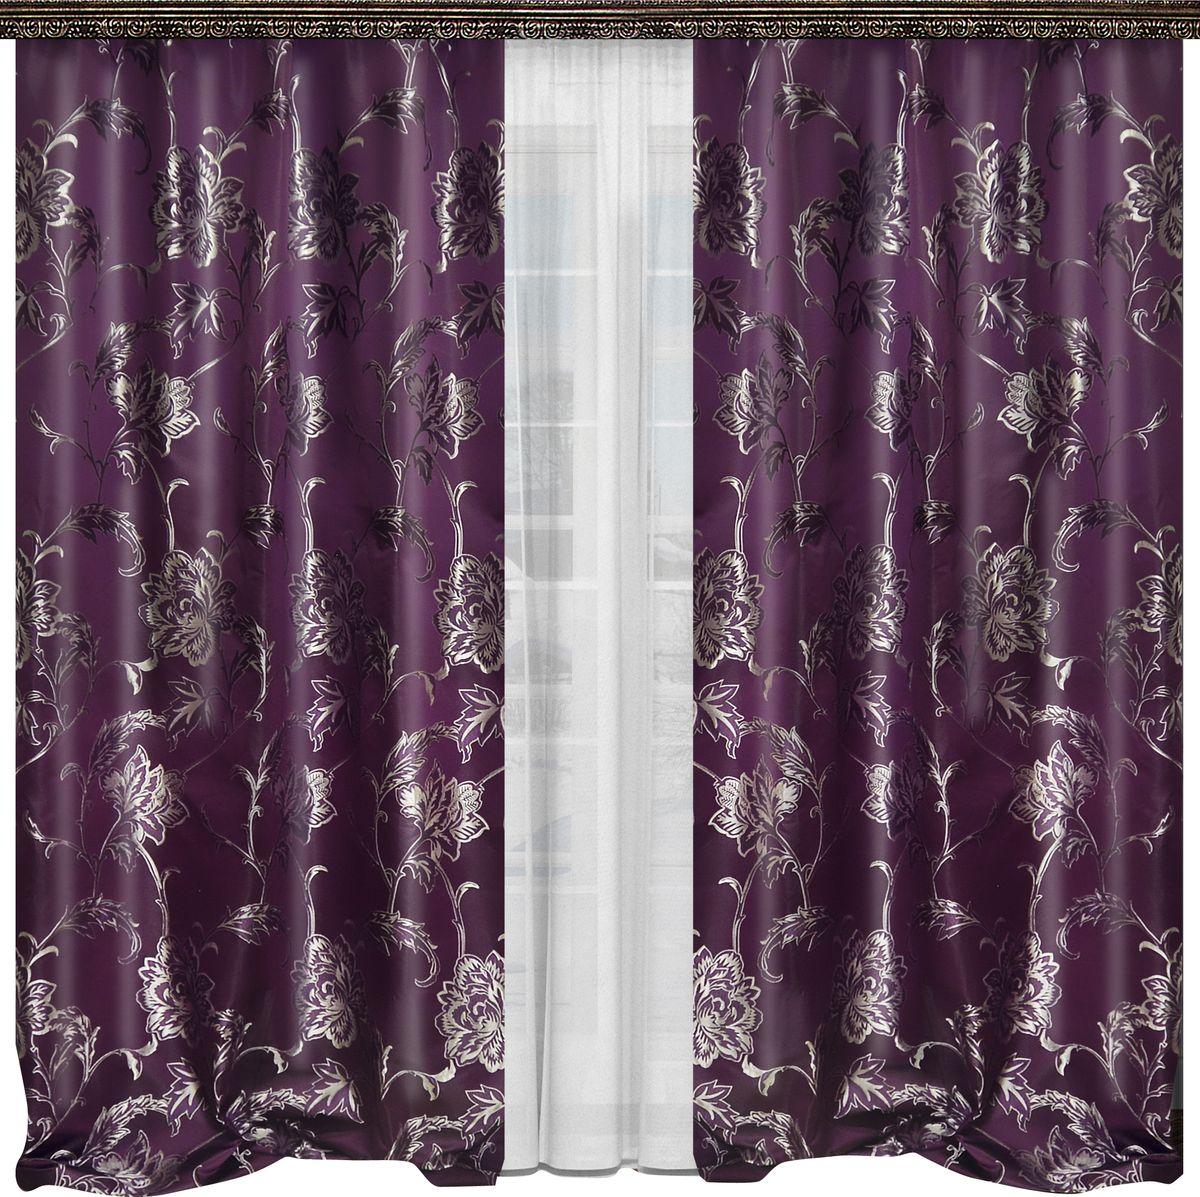 Комплект штор Zlata Korunka, на ленте, цвет: фиолетовый, белый, высота 265 см. 777052777052Роскошный комплект штор Zlata Korunka, выполненный из полиэстера, великолепно украсит любое окно. Комплект состоит из двух штор и тюля. Изящный рисунок и приятная цветовая гамма привлекут к себе внимание и органично впишутся в интерьер помещения.Этот комплект будет долгое время радовать вас и вашу семью!Комплект крепится на карниз при помощи ленты, которая поможет красиво и равномерно задрапировать верх.